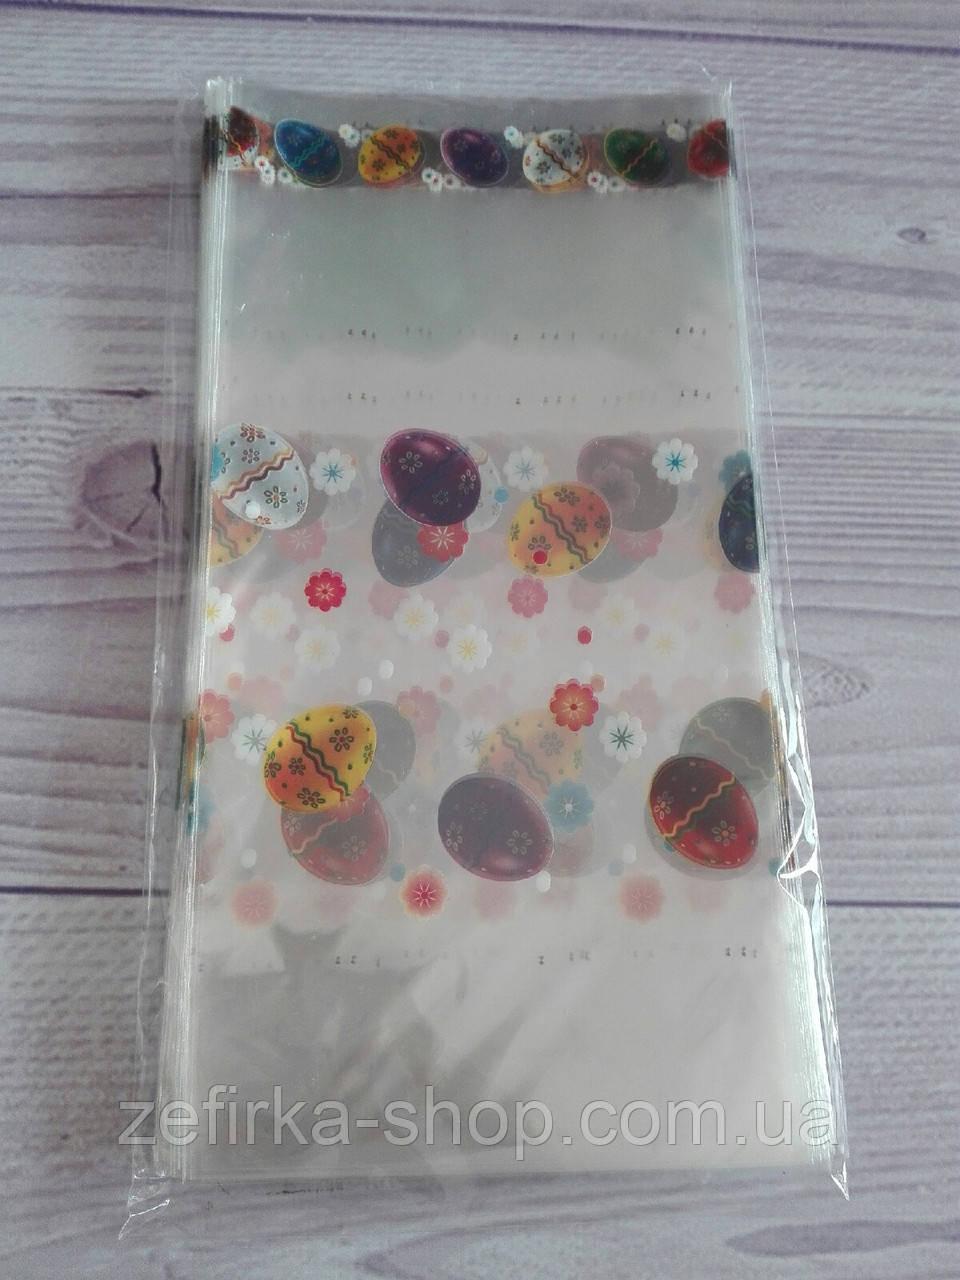 Пакет прозрачный пасхальный 15* 30 см, 100 штук